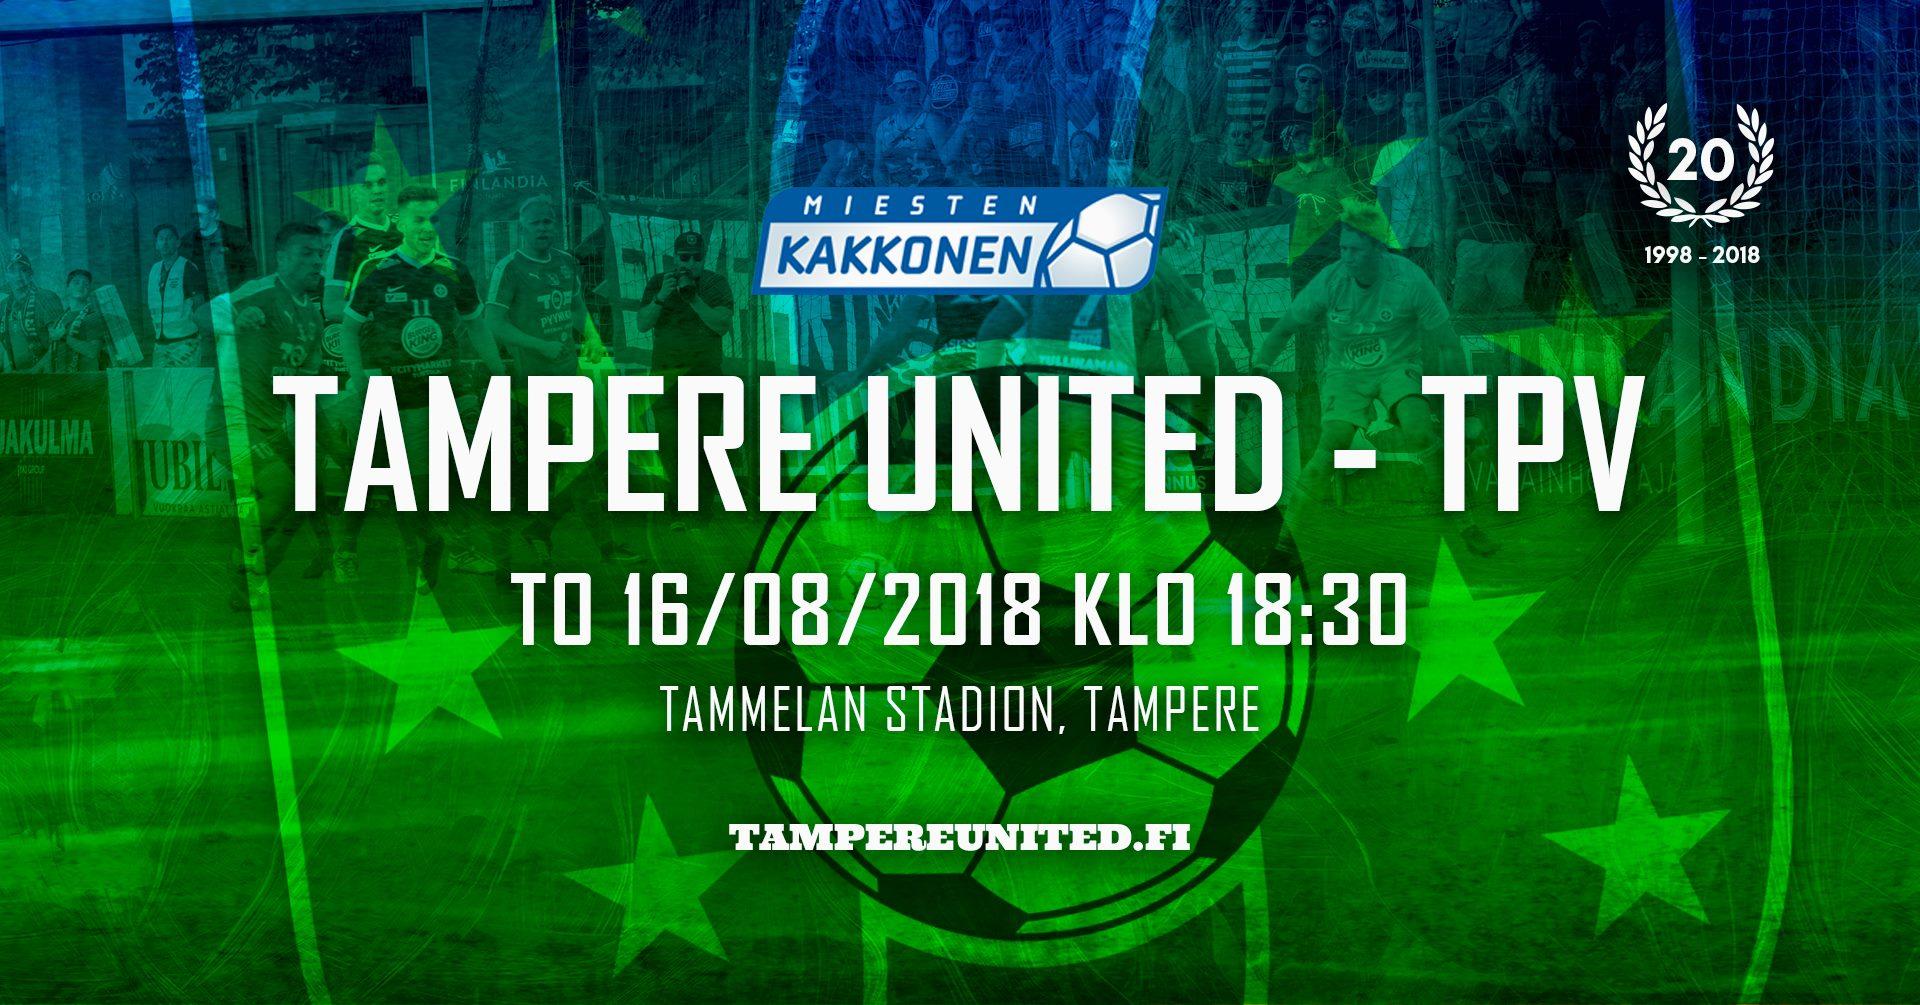 Muistilista Tampereen Derbyyn -uutiskuva